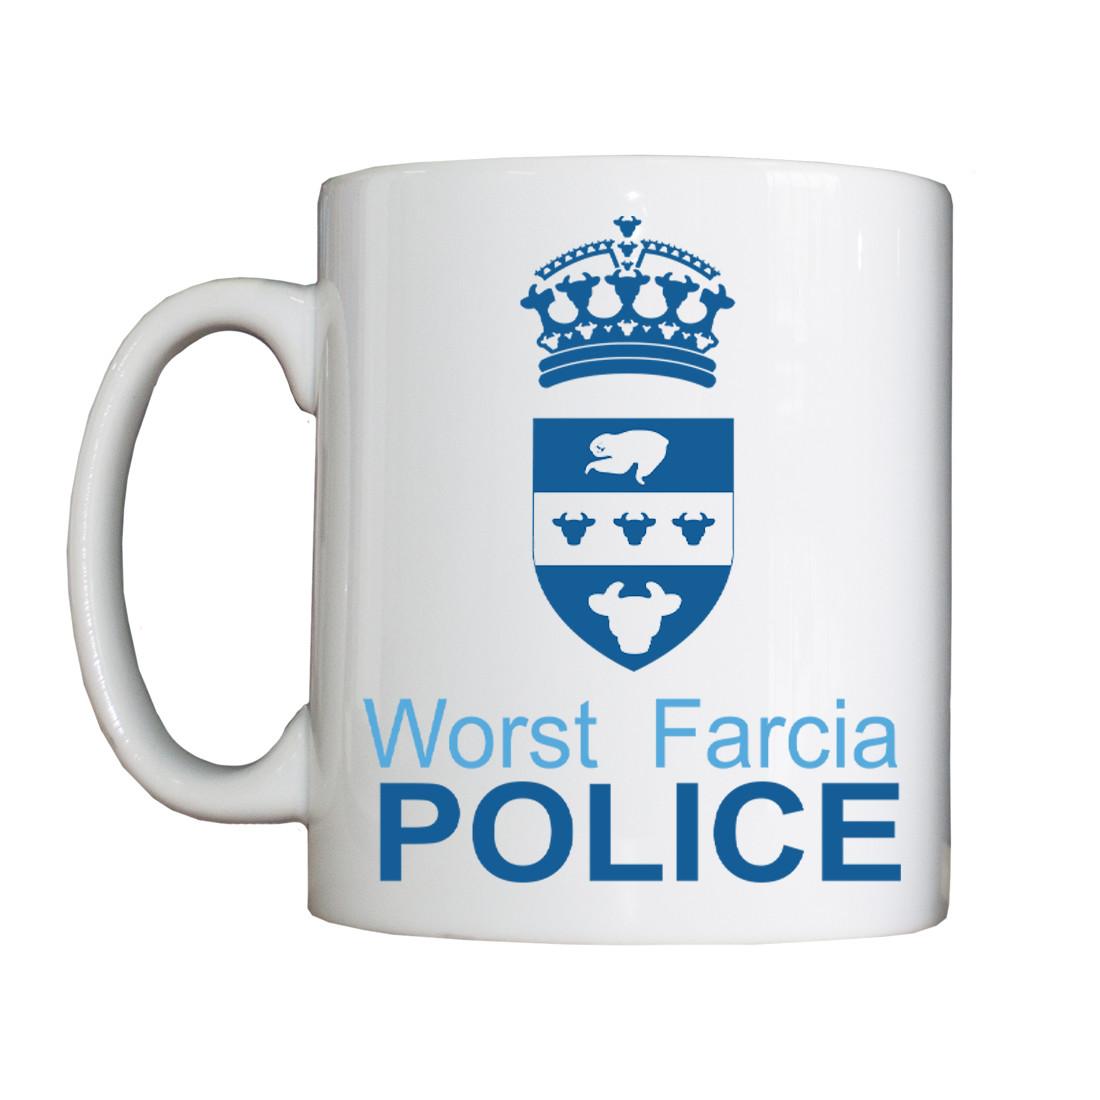 Personalised 'Worst Farcia' Drinking Vessel (Mug)